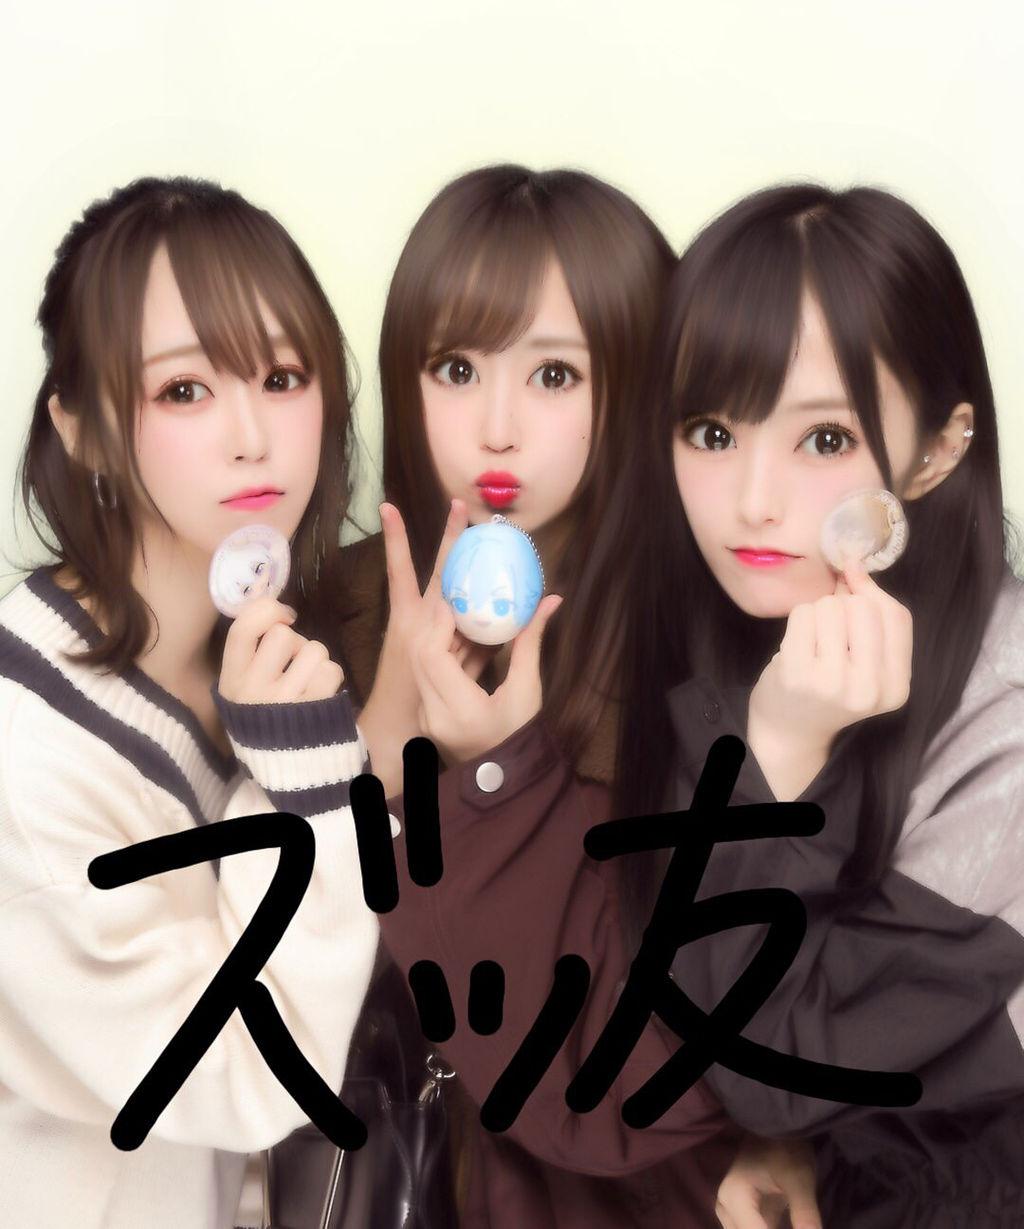 【ズッ友】NMB48 ヴァタ子さん、アニメイトへ行くの巻